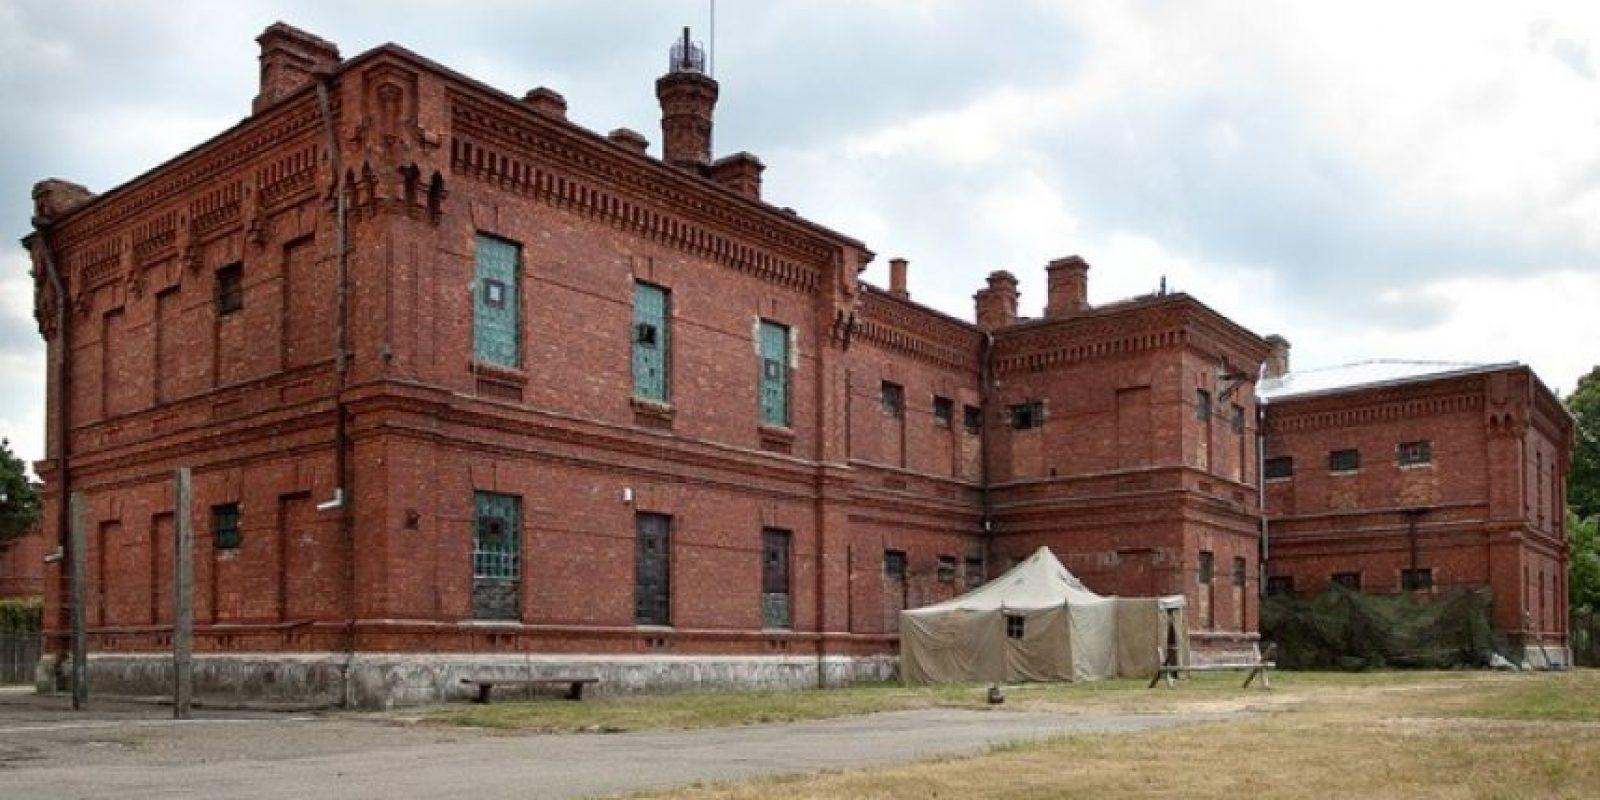 Karostas Cietums, en Letonia. En esta prisión de 0 estrellas serán tratados como criminales. Foto:Flavorwire